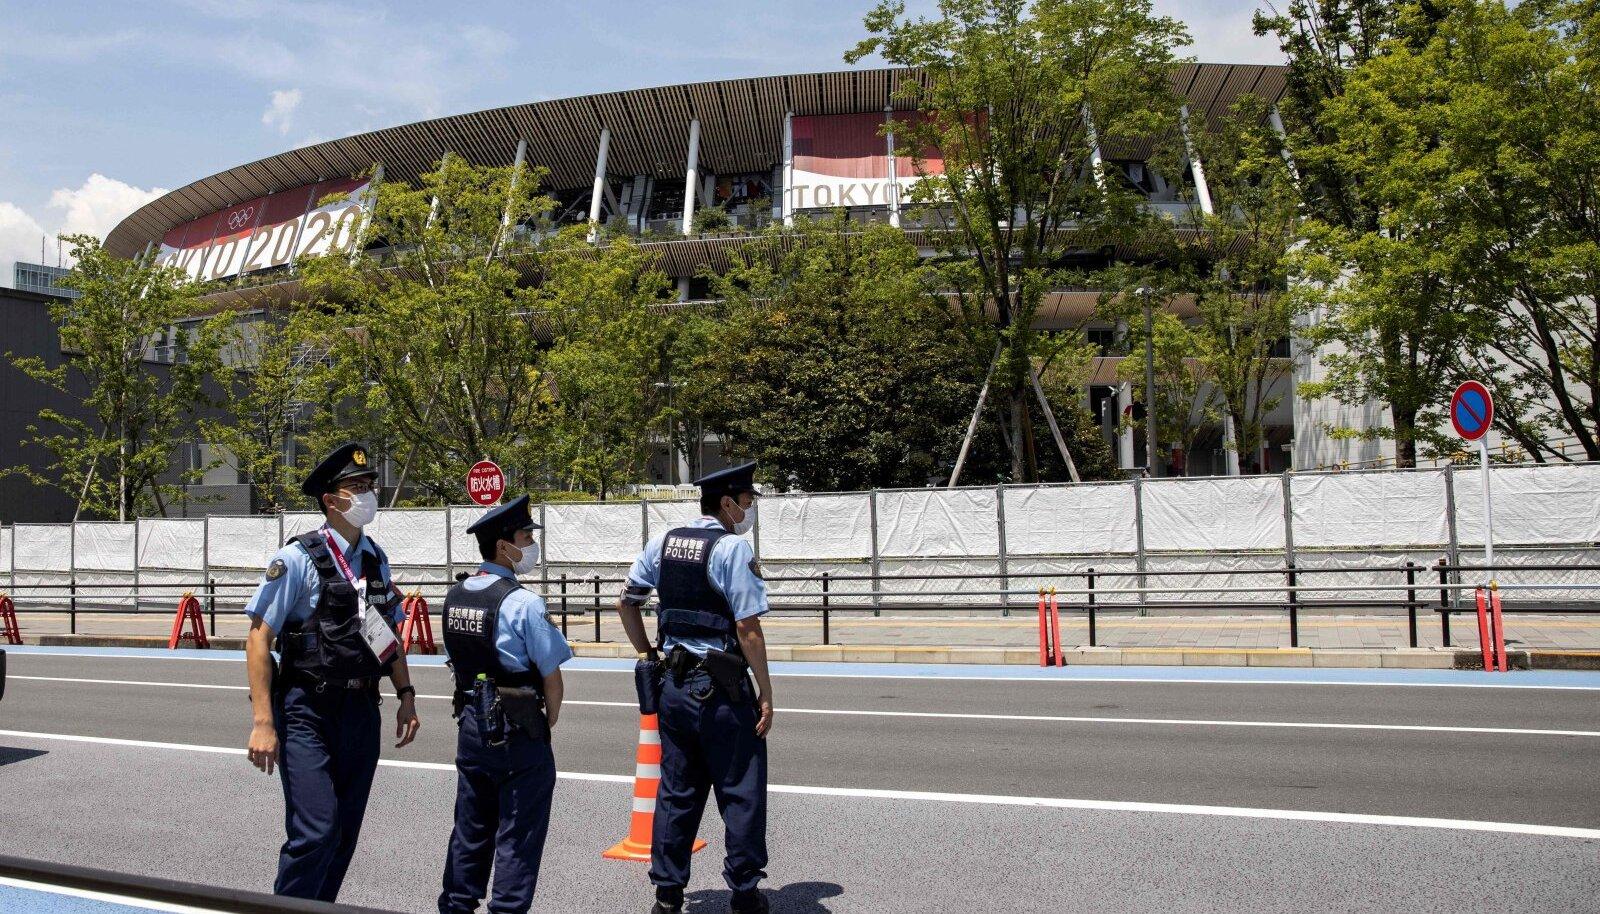 Jaapani politseinikud Tokyos